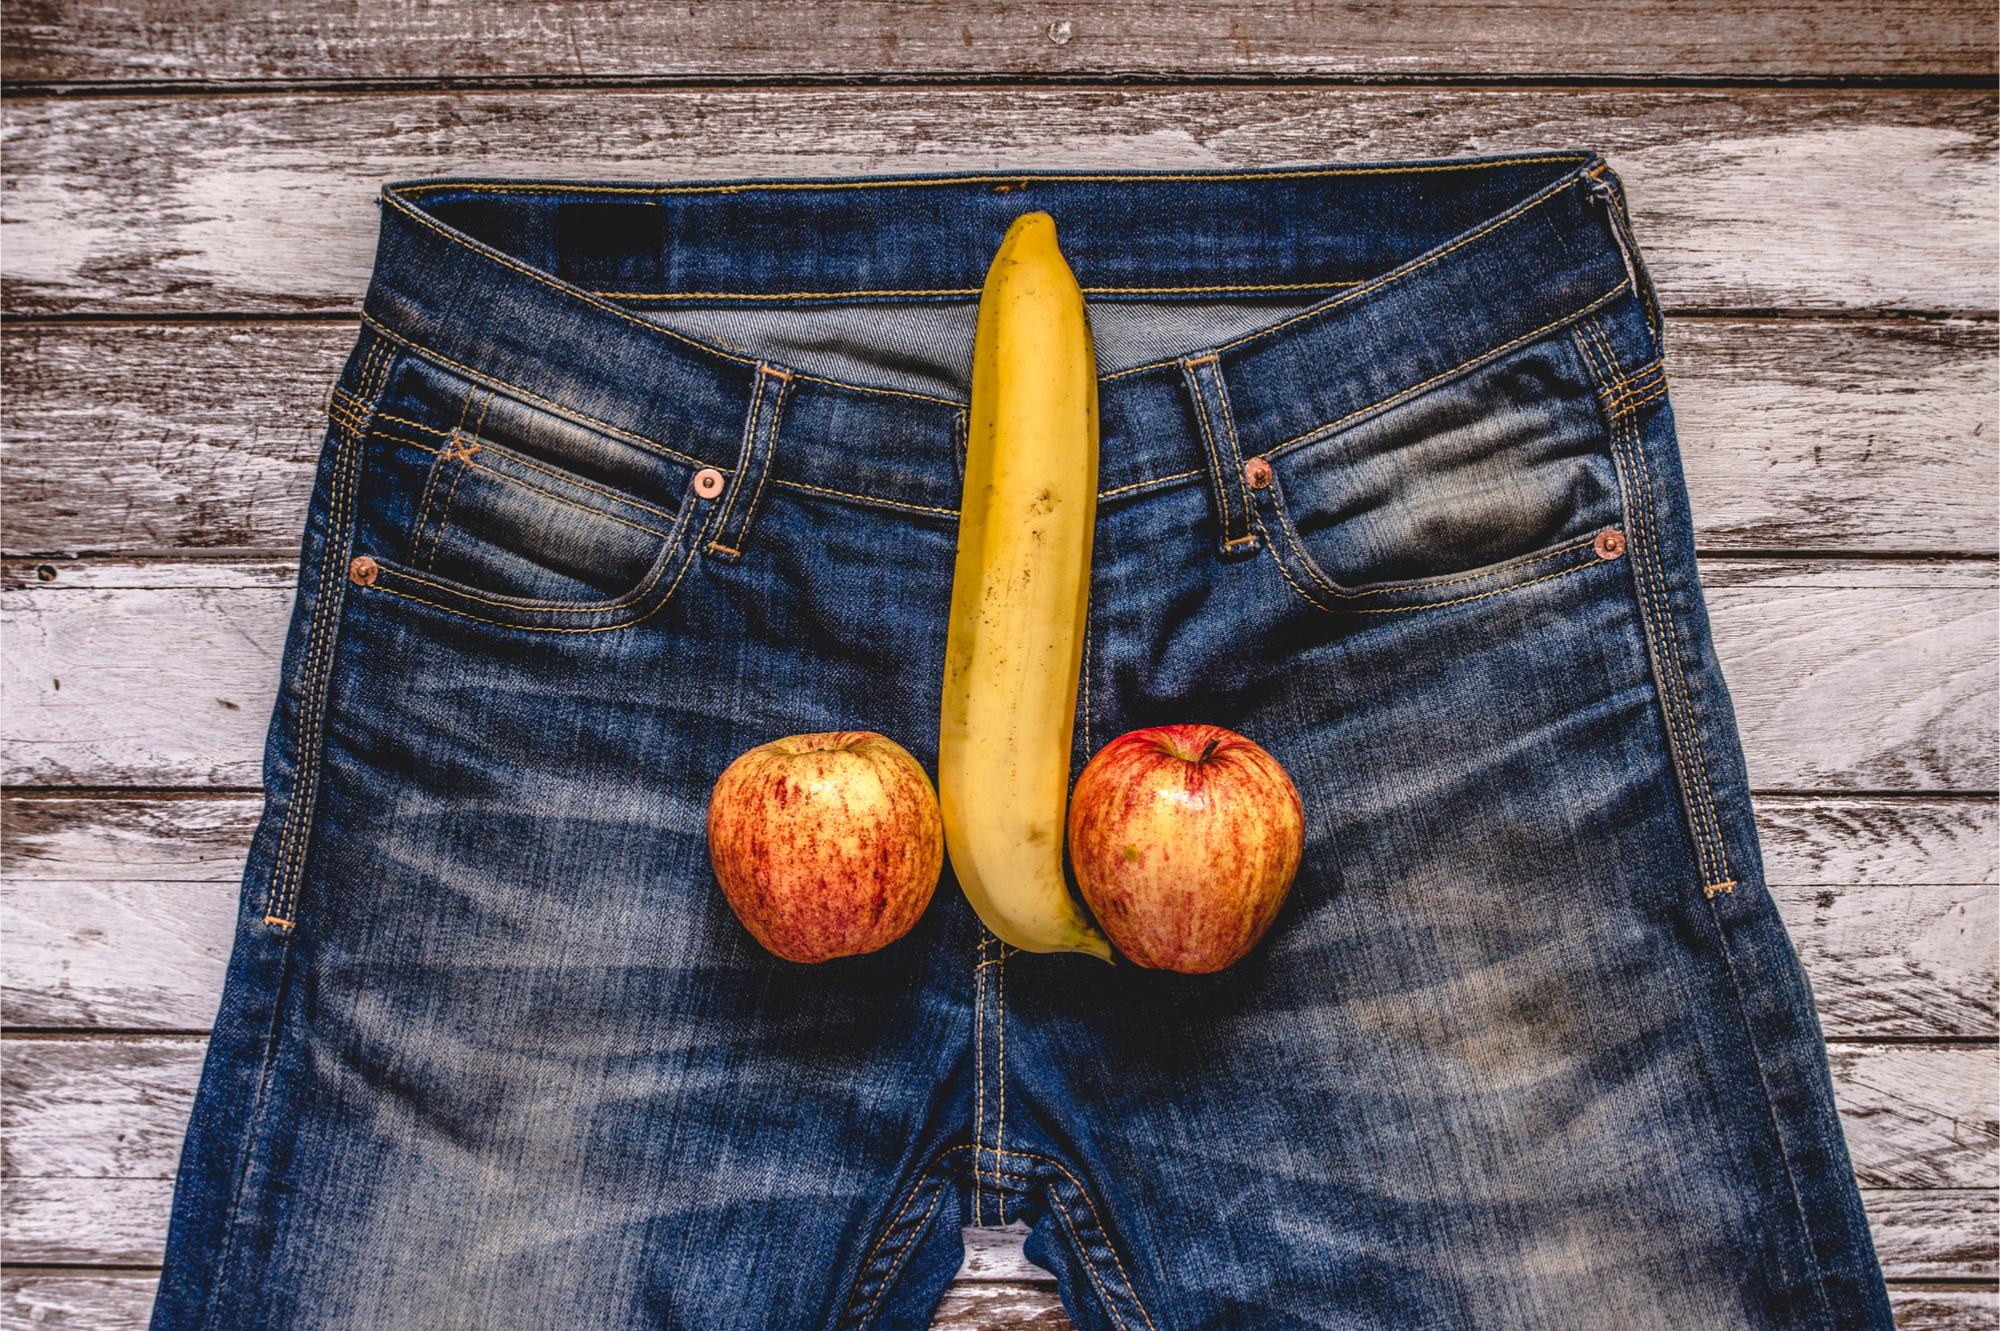 srác eltávolította a péniszét felálló állapotban a pénisz balra fordul